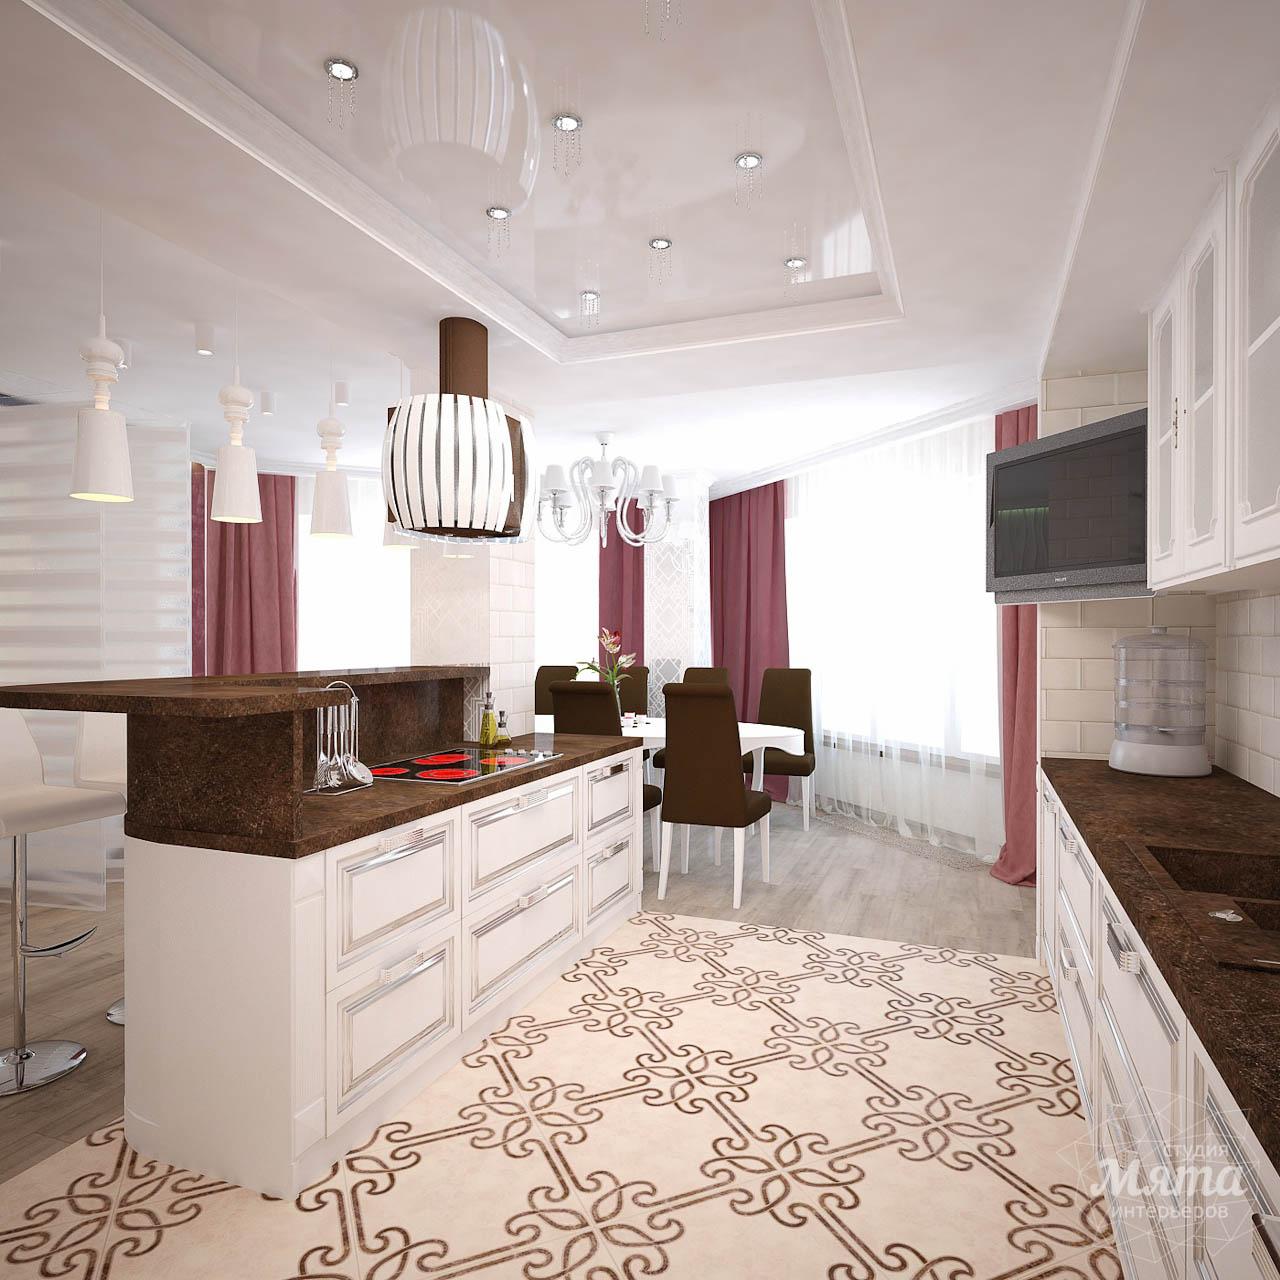 Дизайн интерьера четырехкомнатной квартиры по ул. Шевченко 18 img662701113